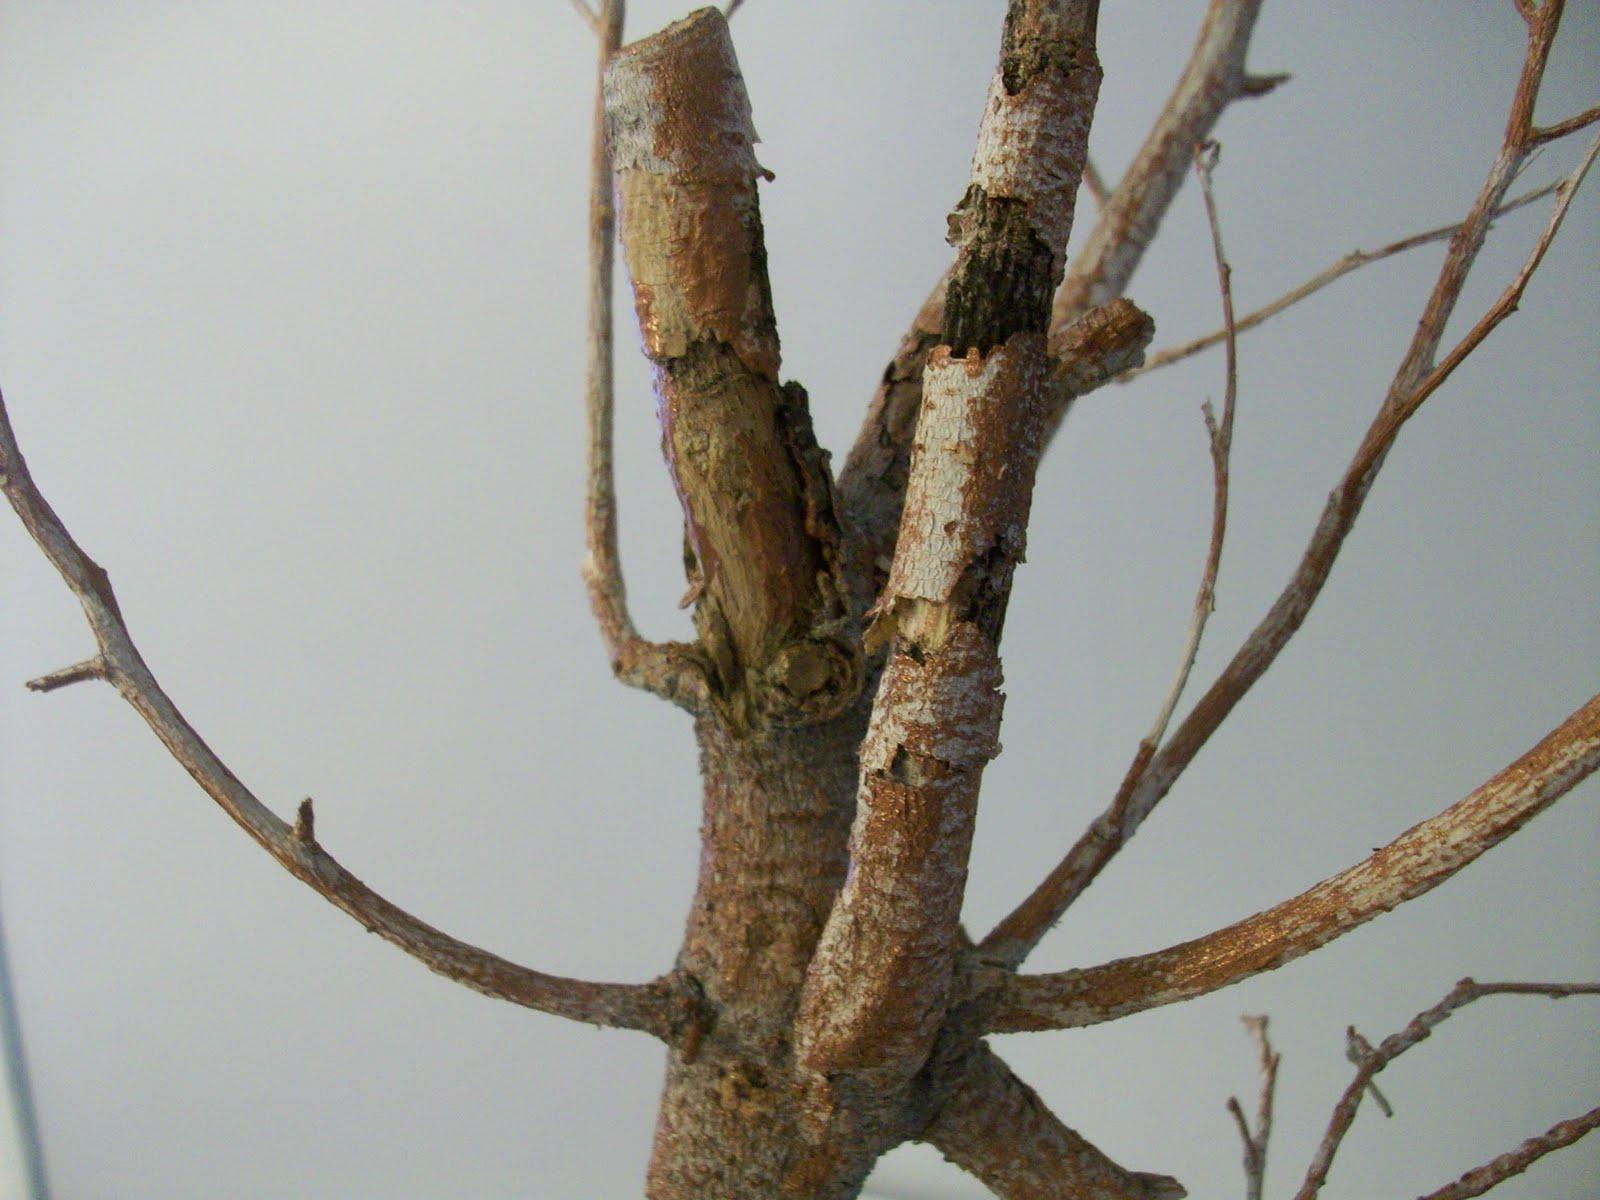 Centros de mesa con ramas secas imagui for Decoracion con ramas secas